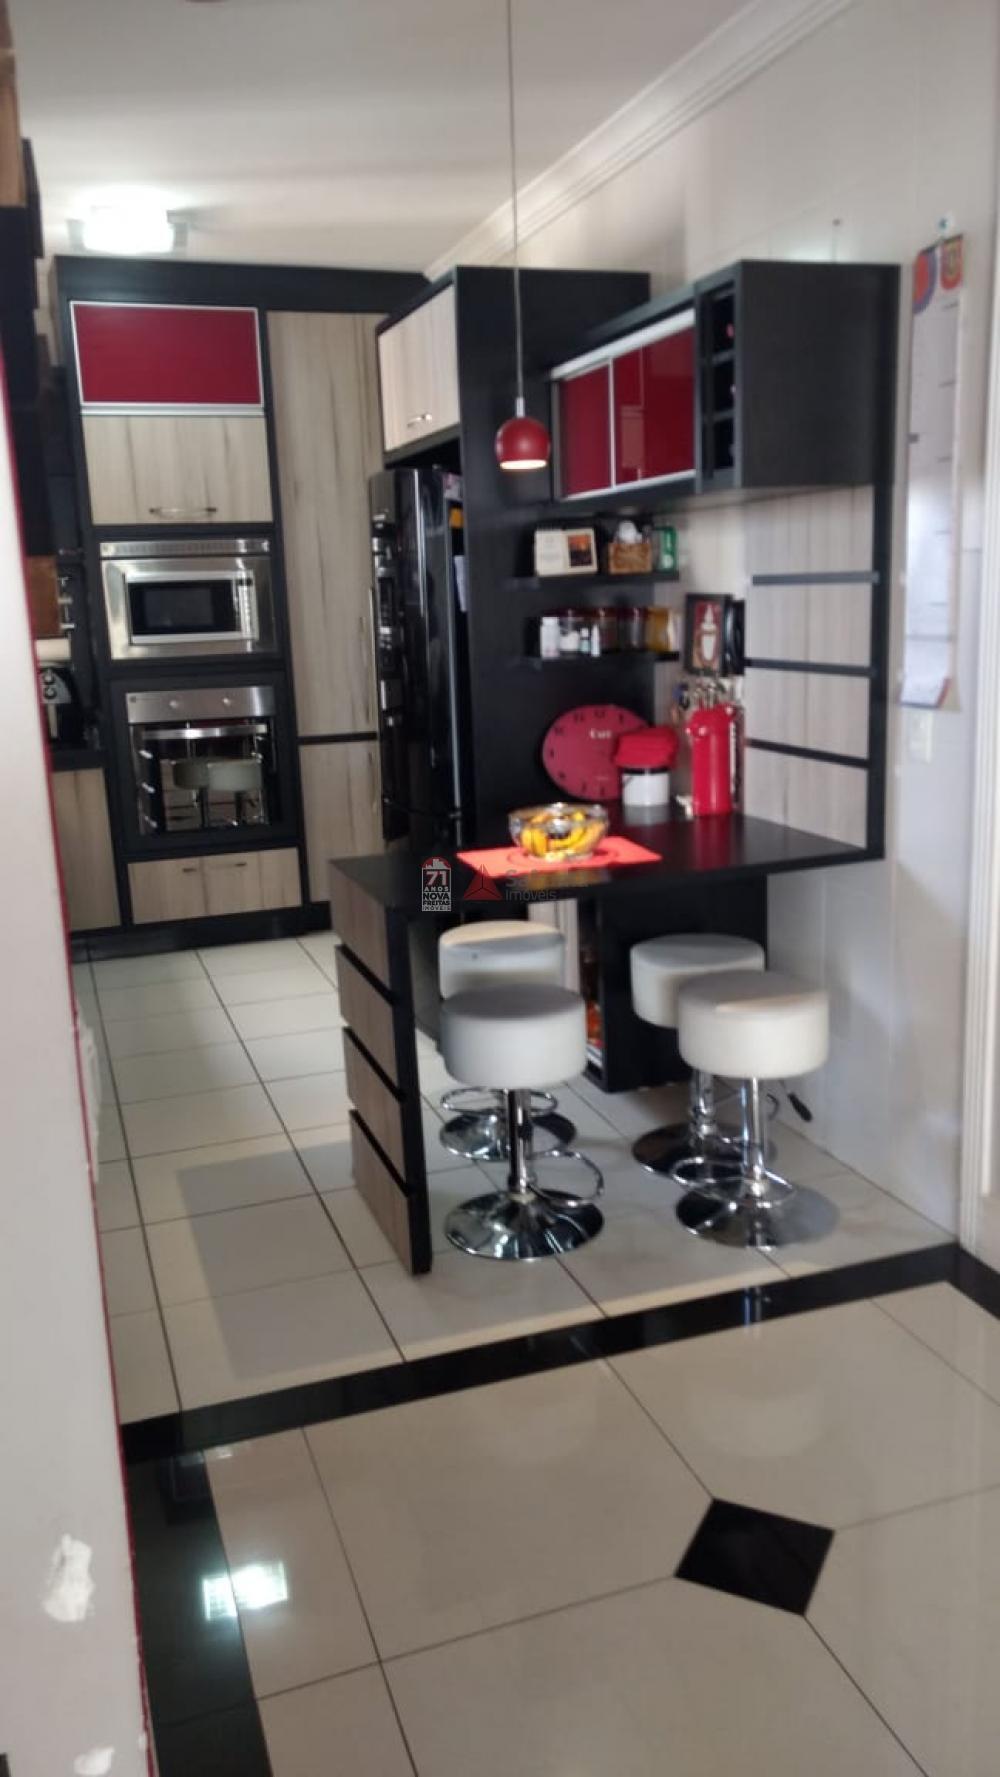 Comprar Apartamento / Padrão em São José dos Campos apenas R$ 850.000,00 - Foto 11